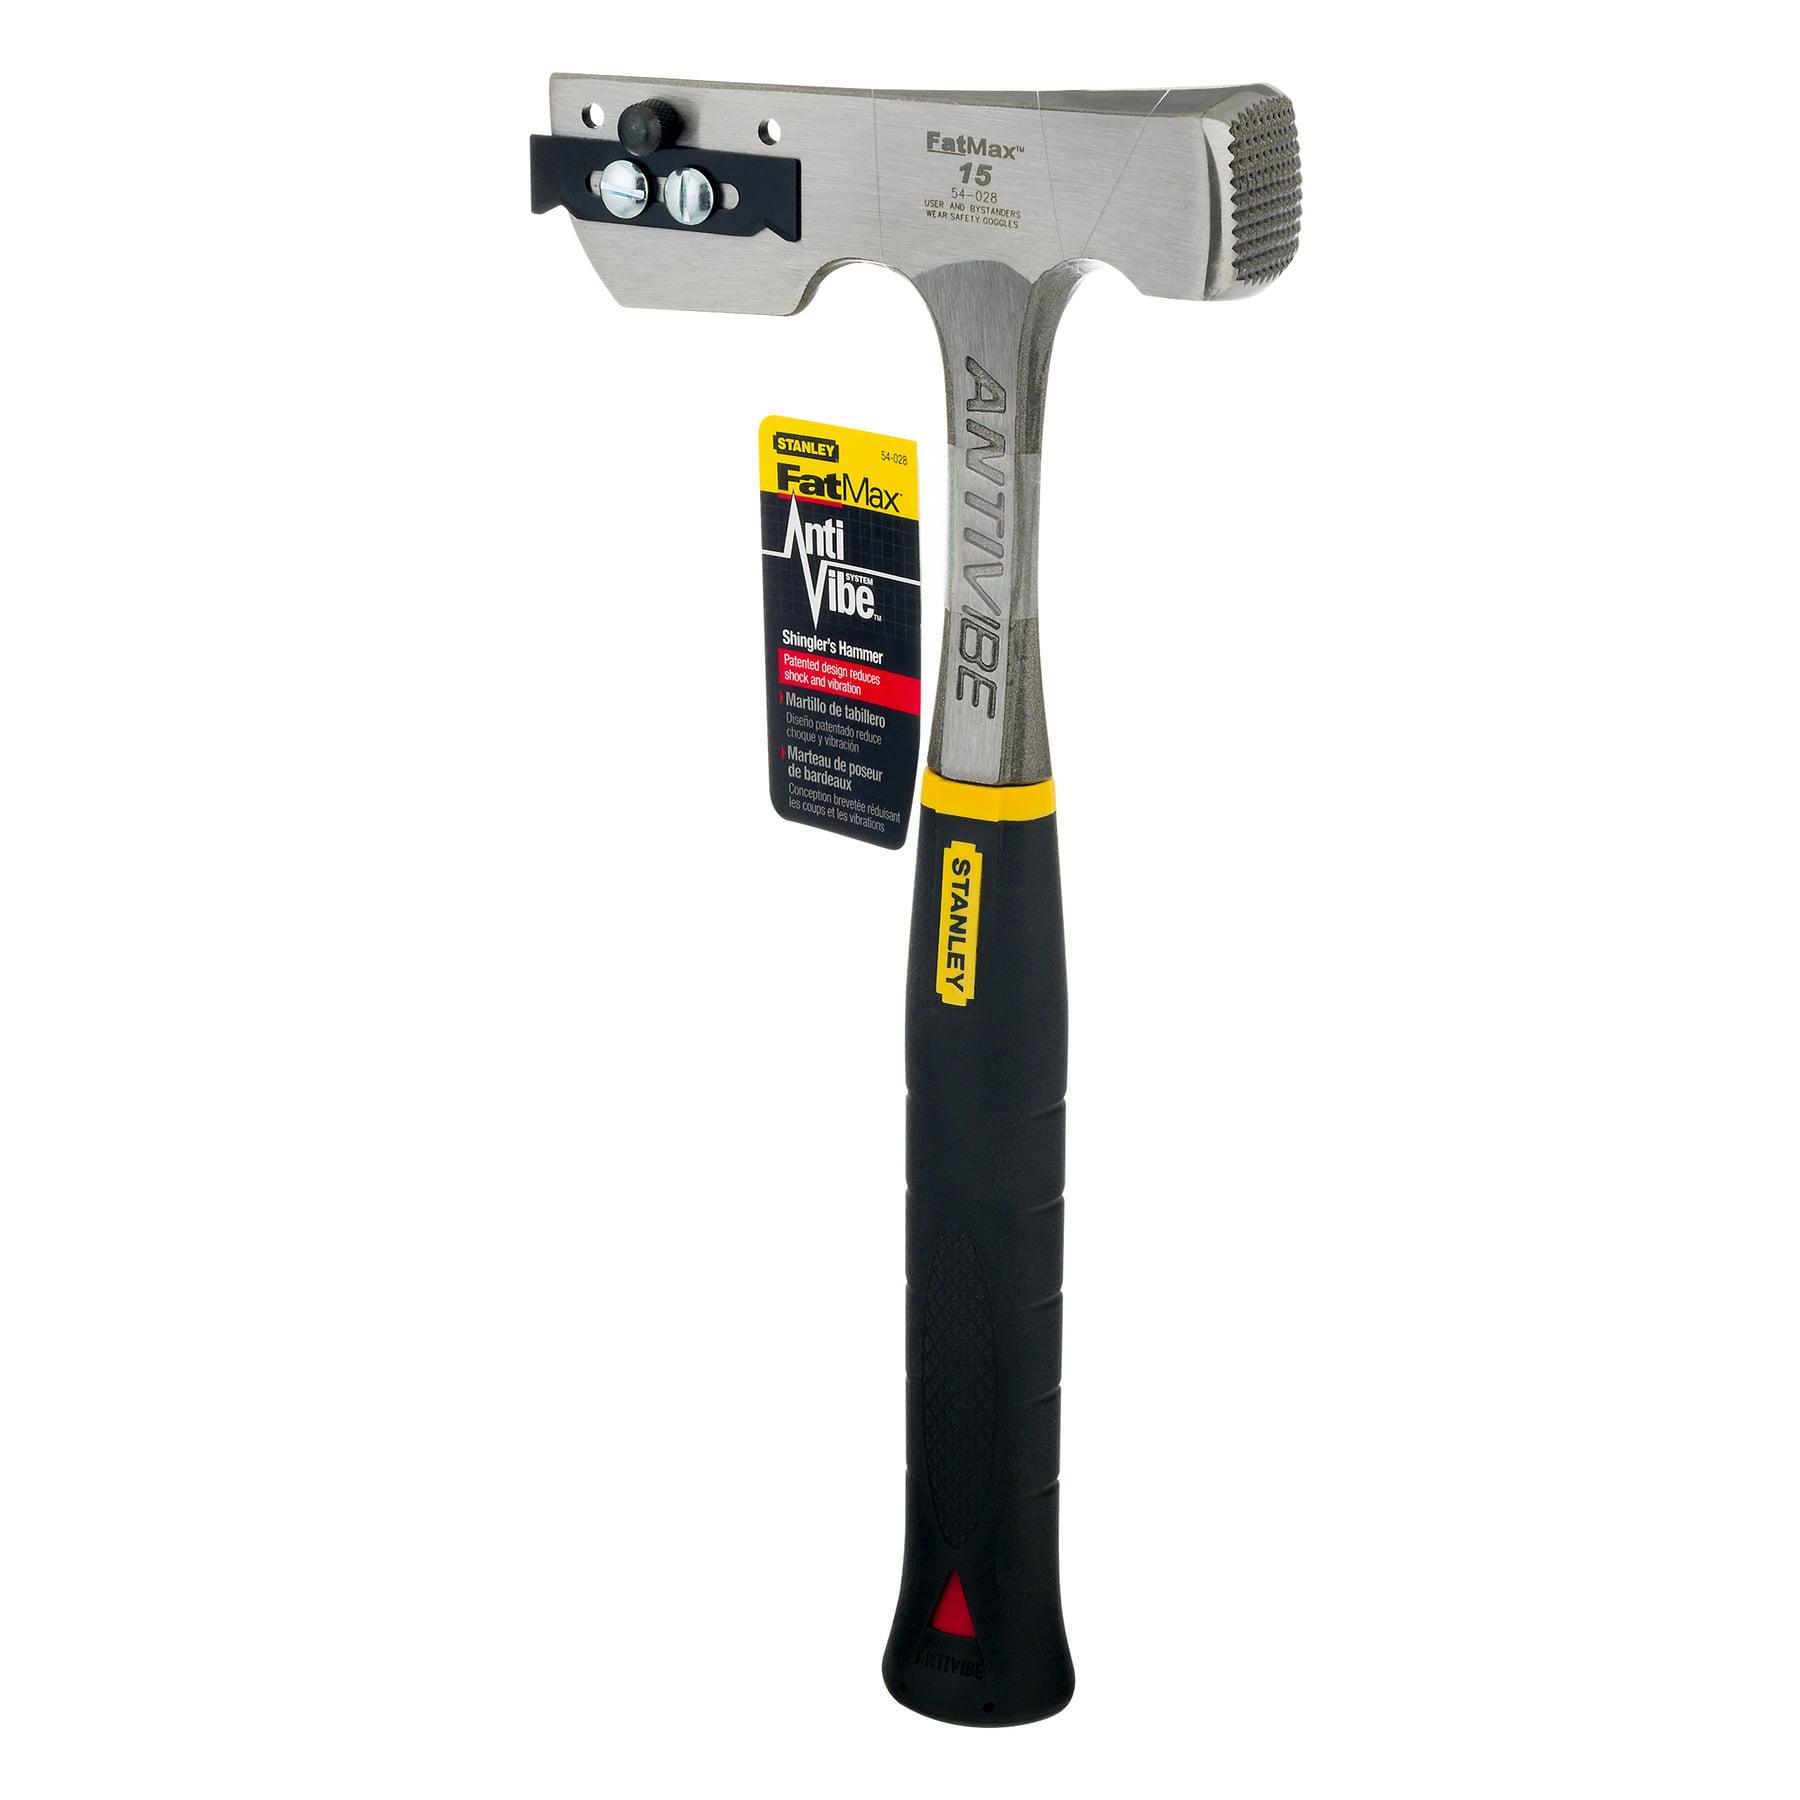 Stanley FatMax Shingler\'s Hammer, 1.0 CT - Walmart.com